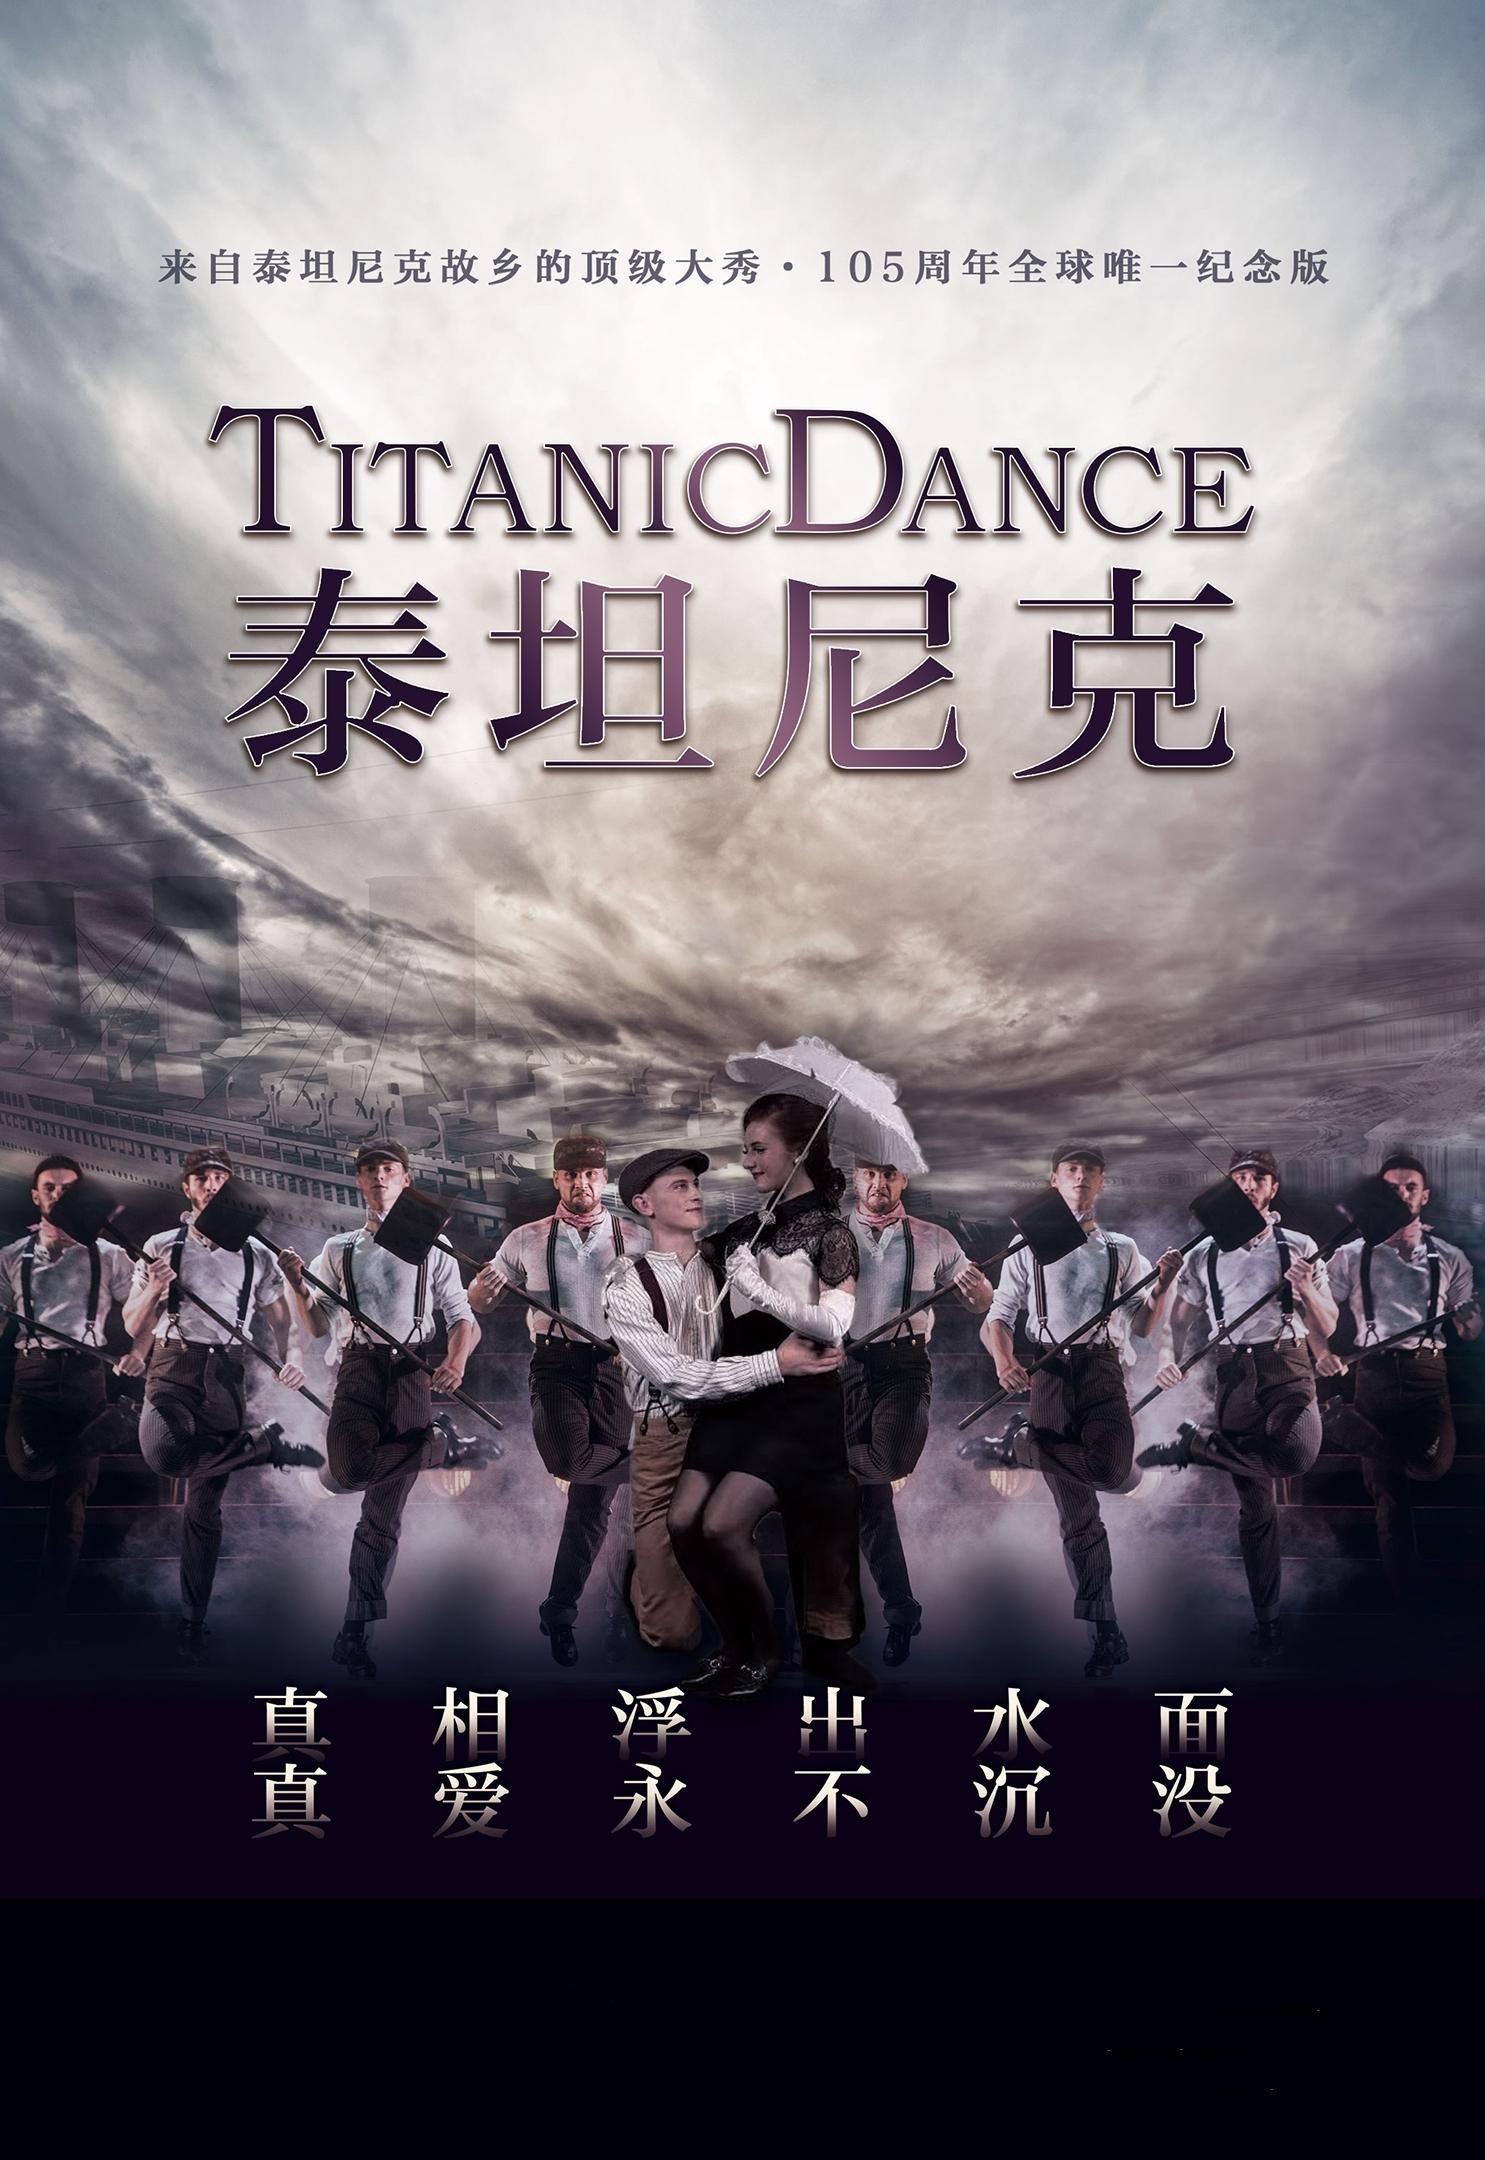 爱尔兰全新踢踏舞剧《泰坦尼克》厦门站